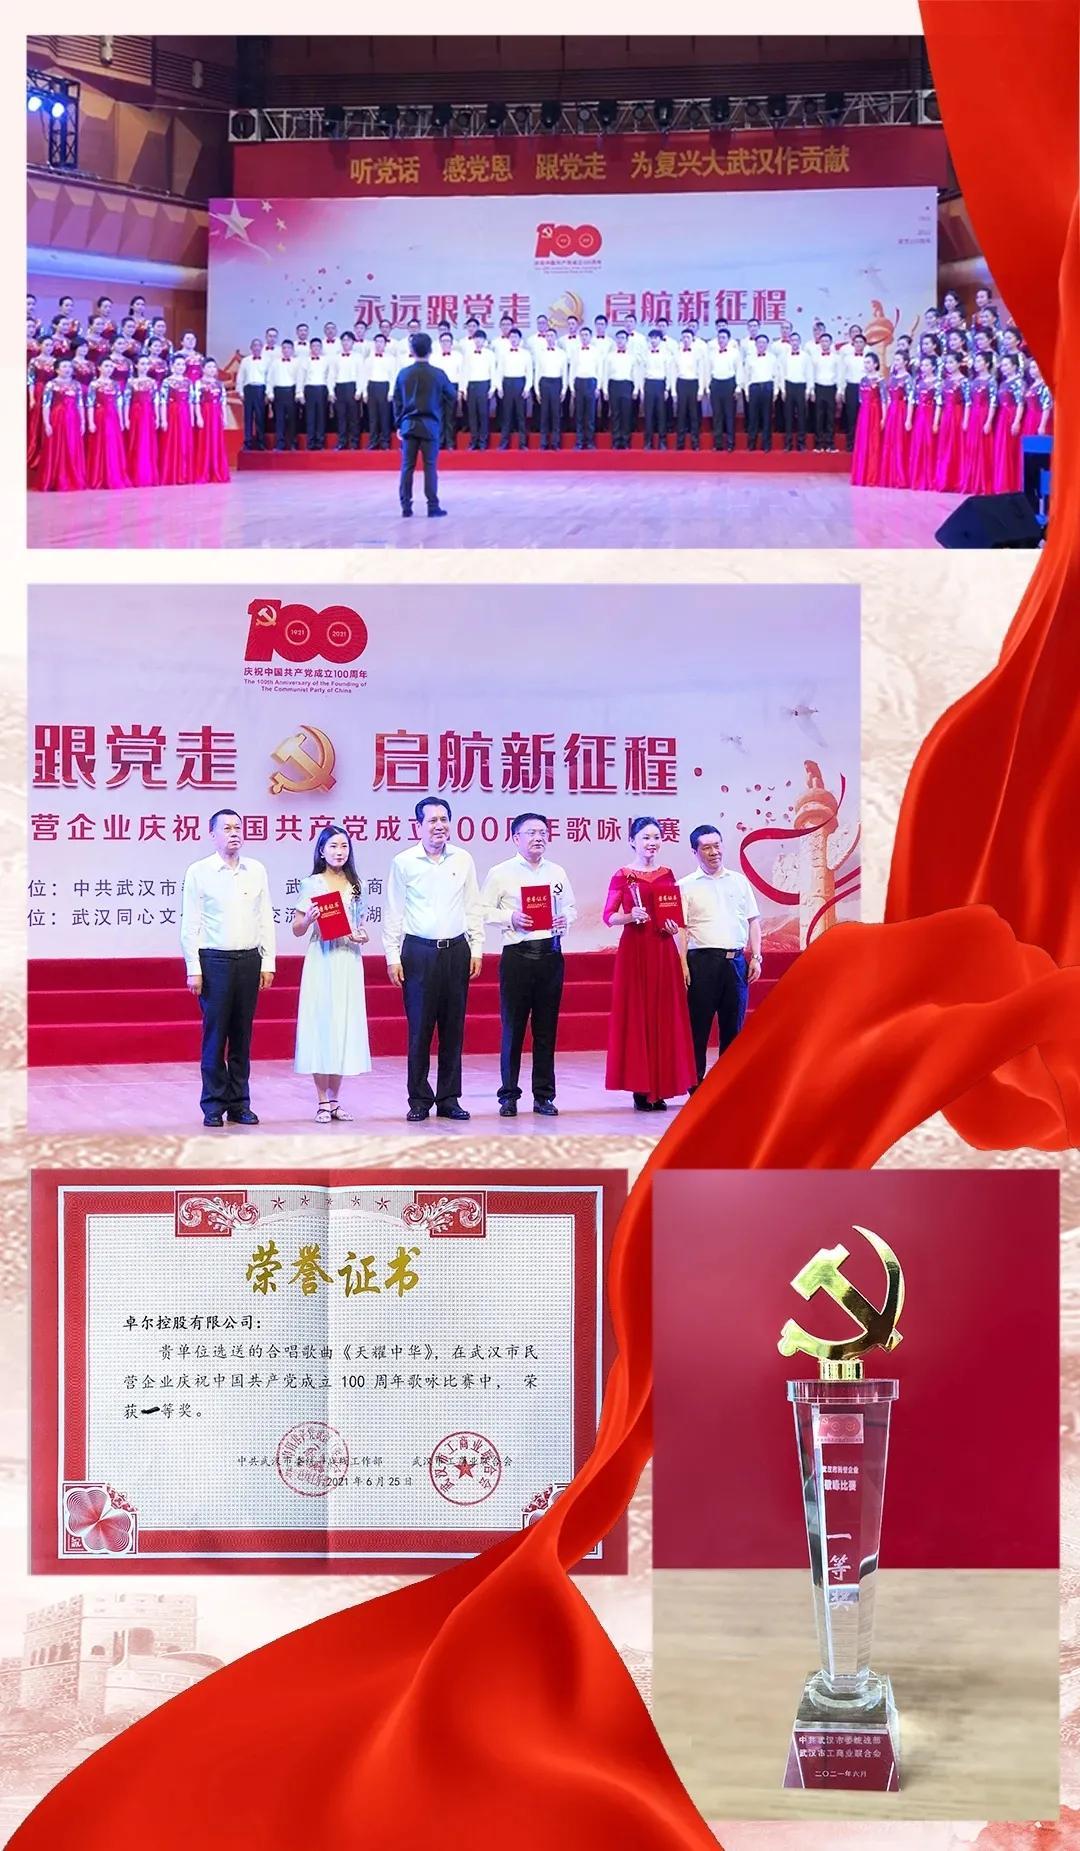 卓尔员工合唱团荣获武汉市民营企业庆祝建党百年歌咏比赛一等奖